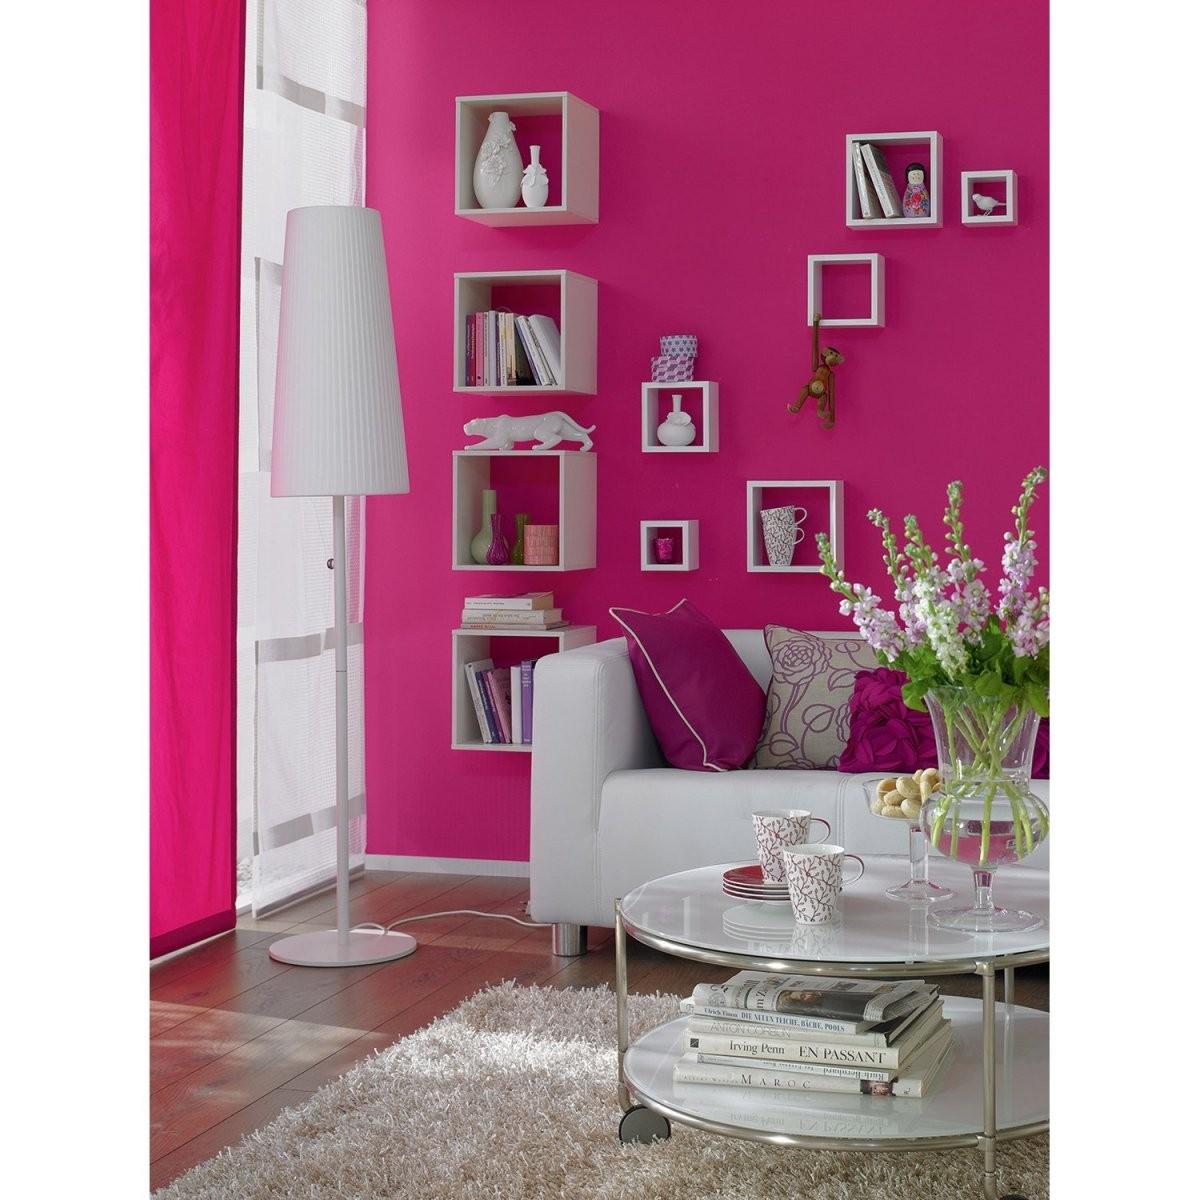 Schöner Wohnen Trendfarbe Tester Orchidee Matt 50 Ml Kaufen Bei Obi von Schöner Wohnen Trendfarbe Tester Photo